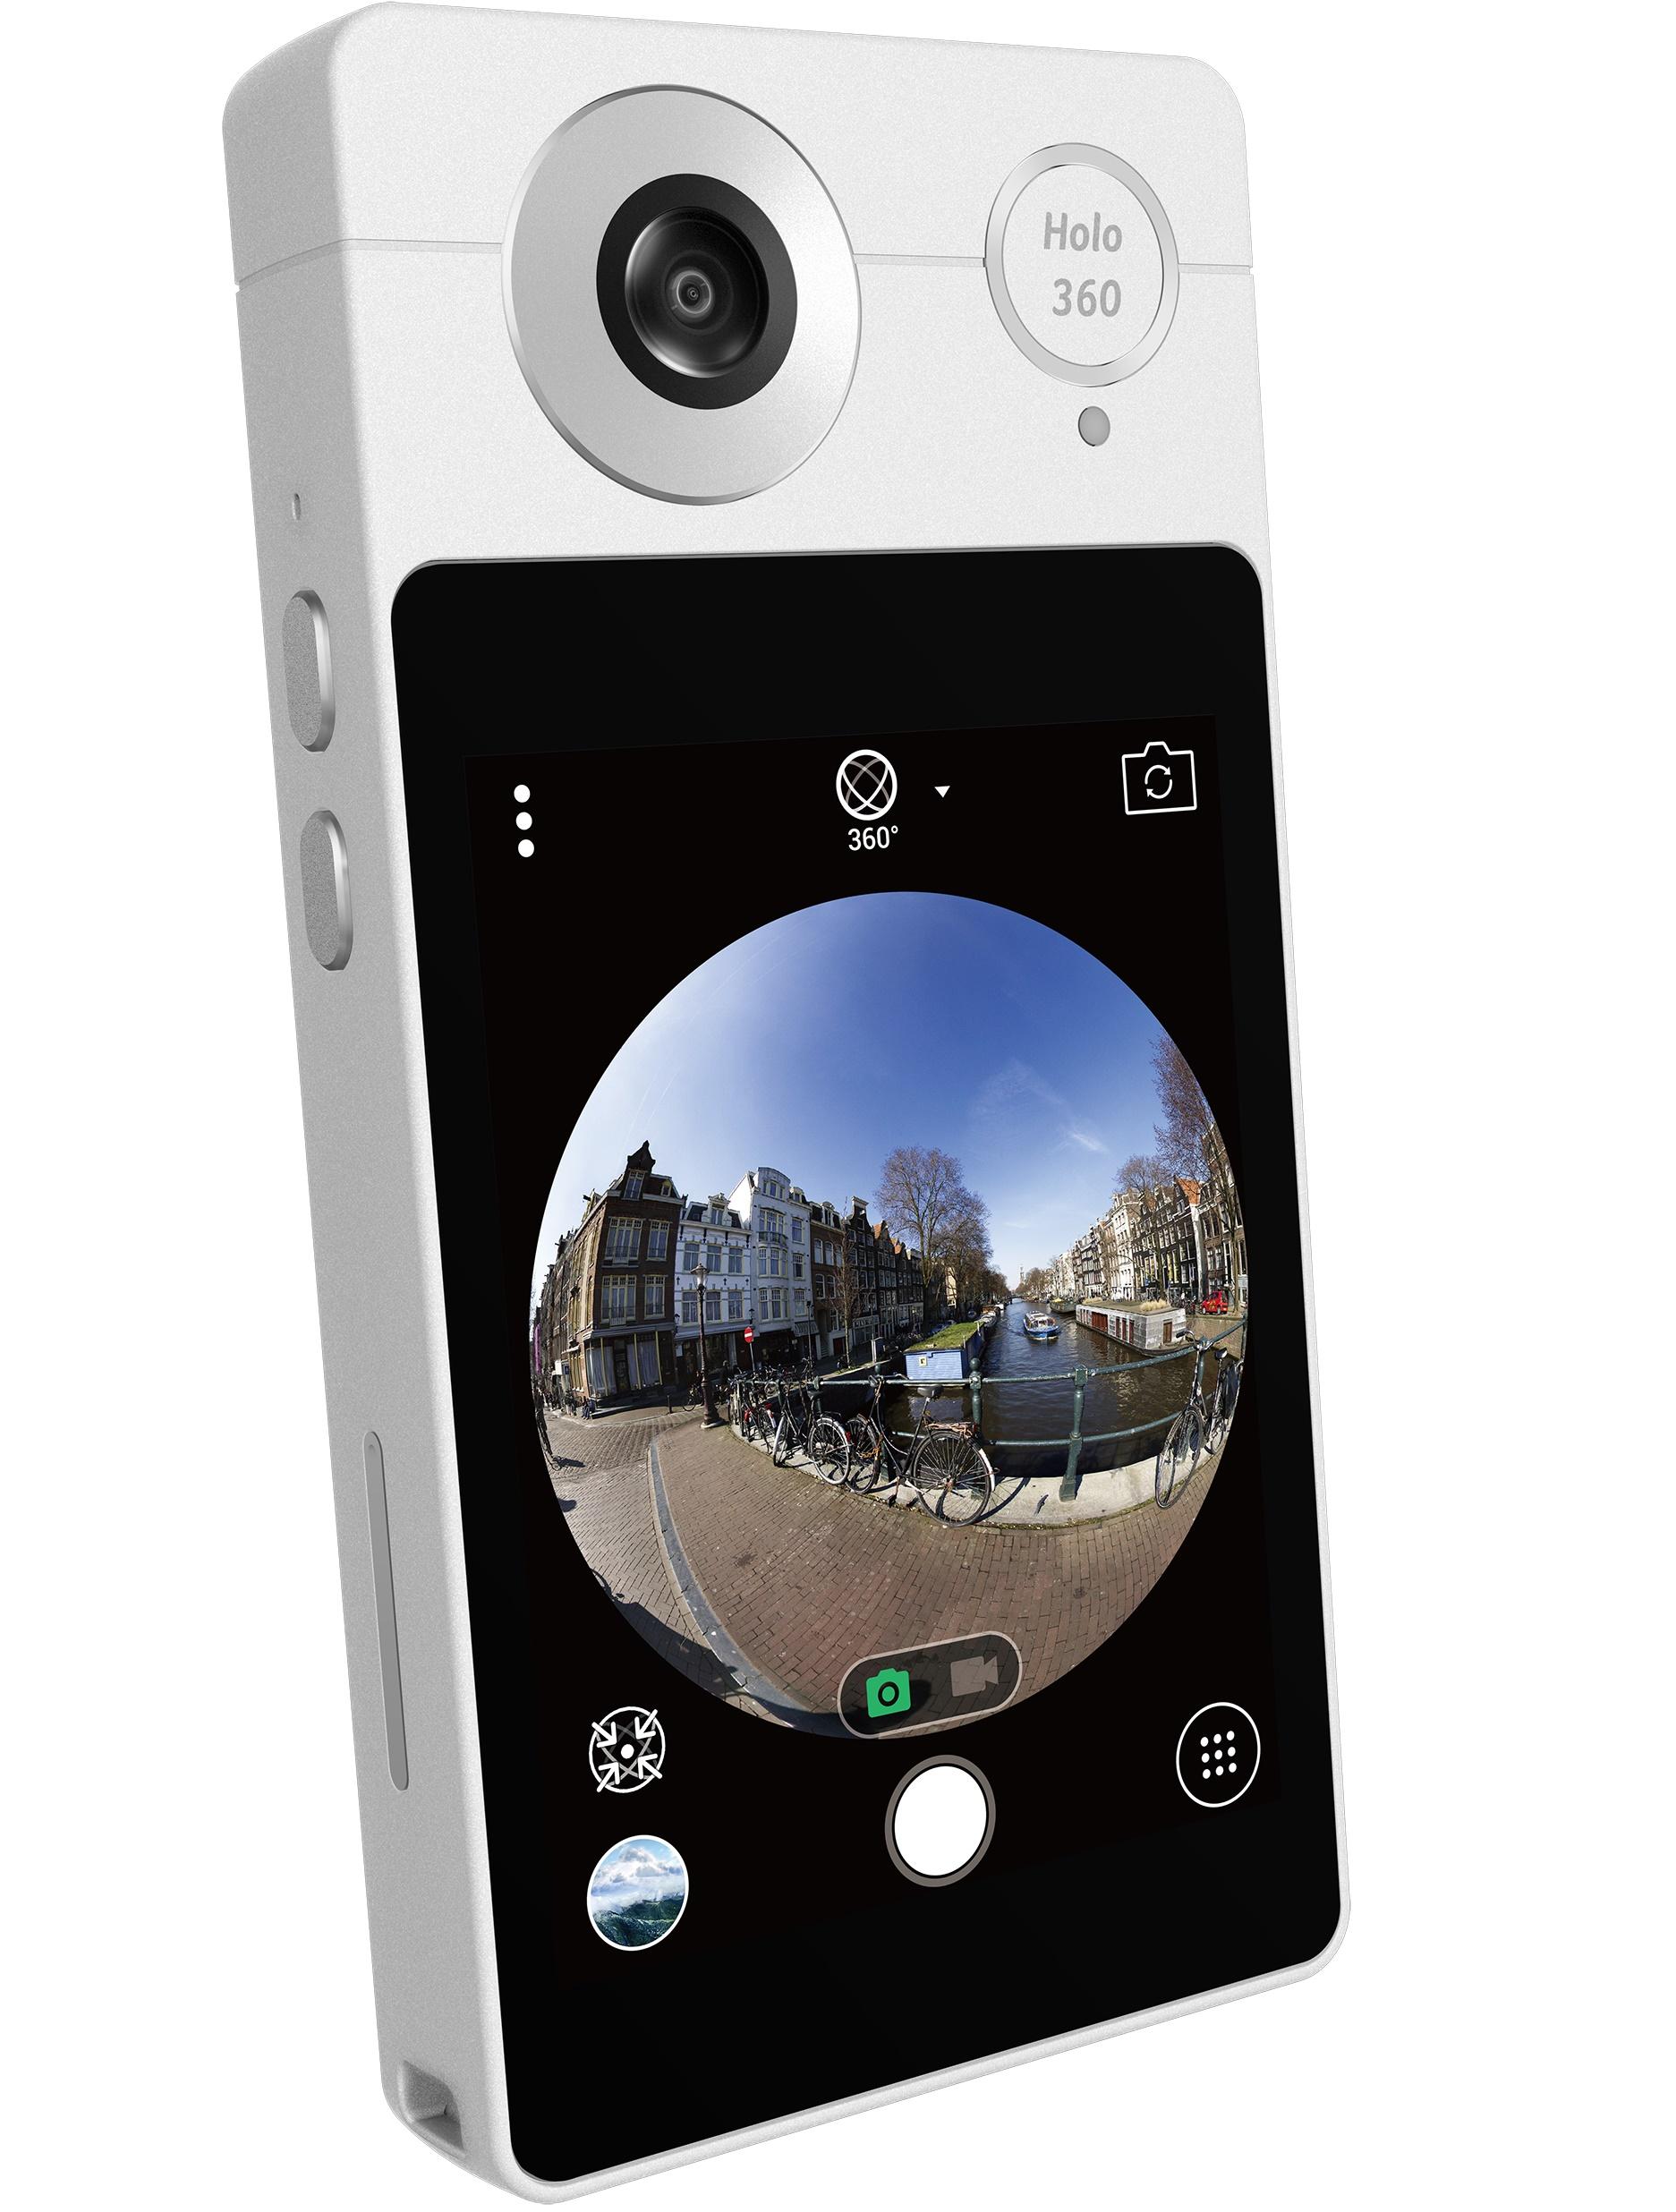 Acer apresenta duas novas câmeras de 360 graus conectadas 2